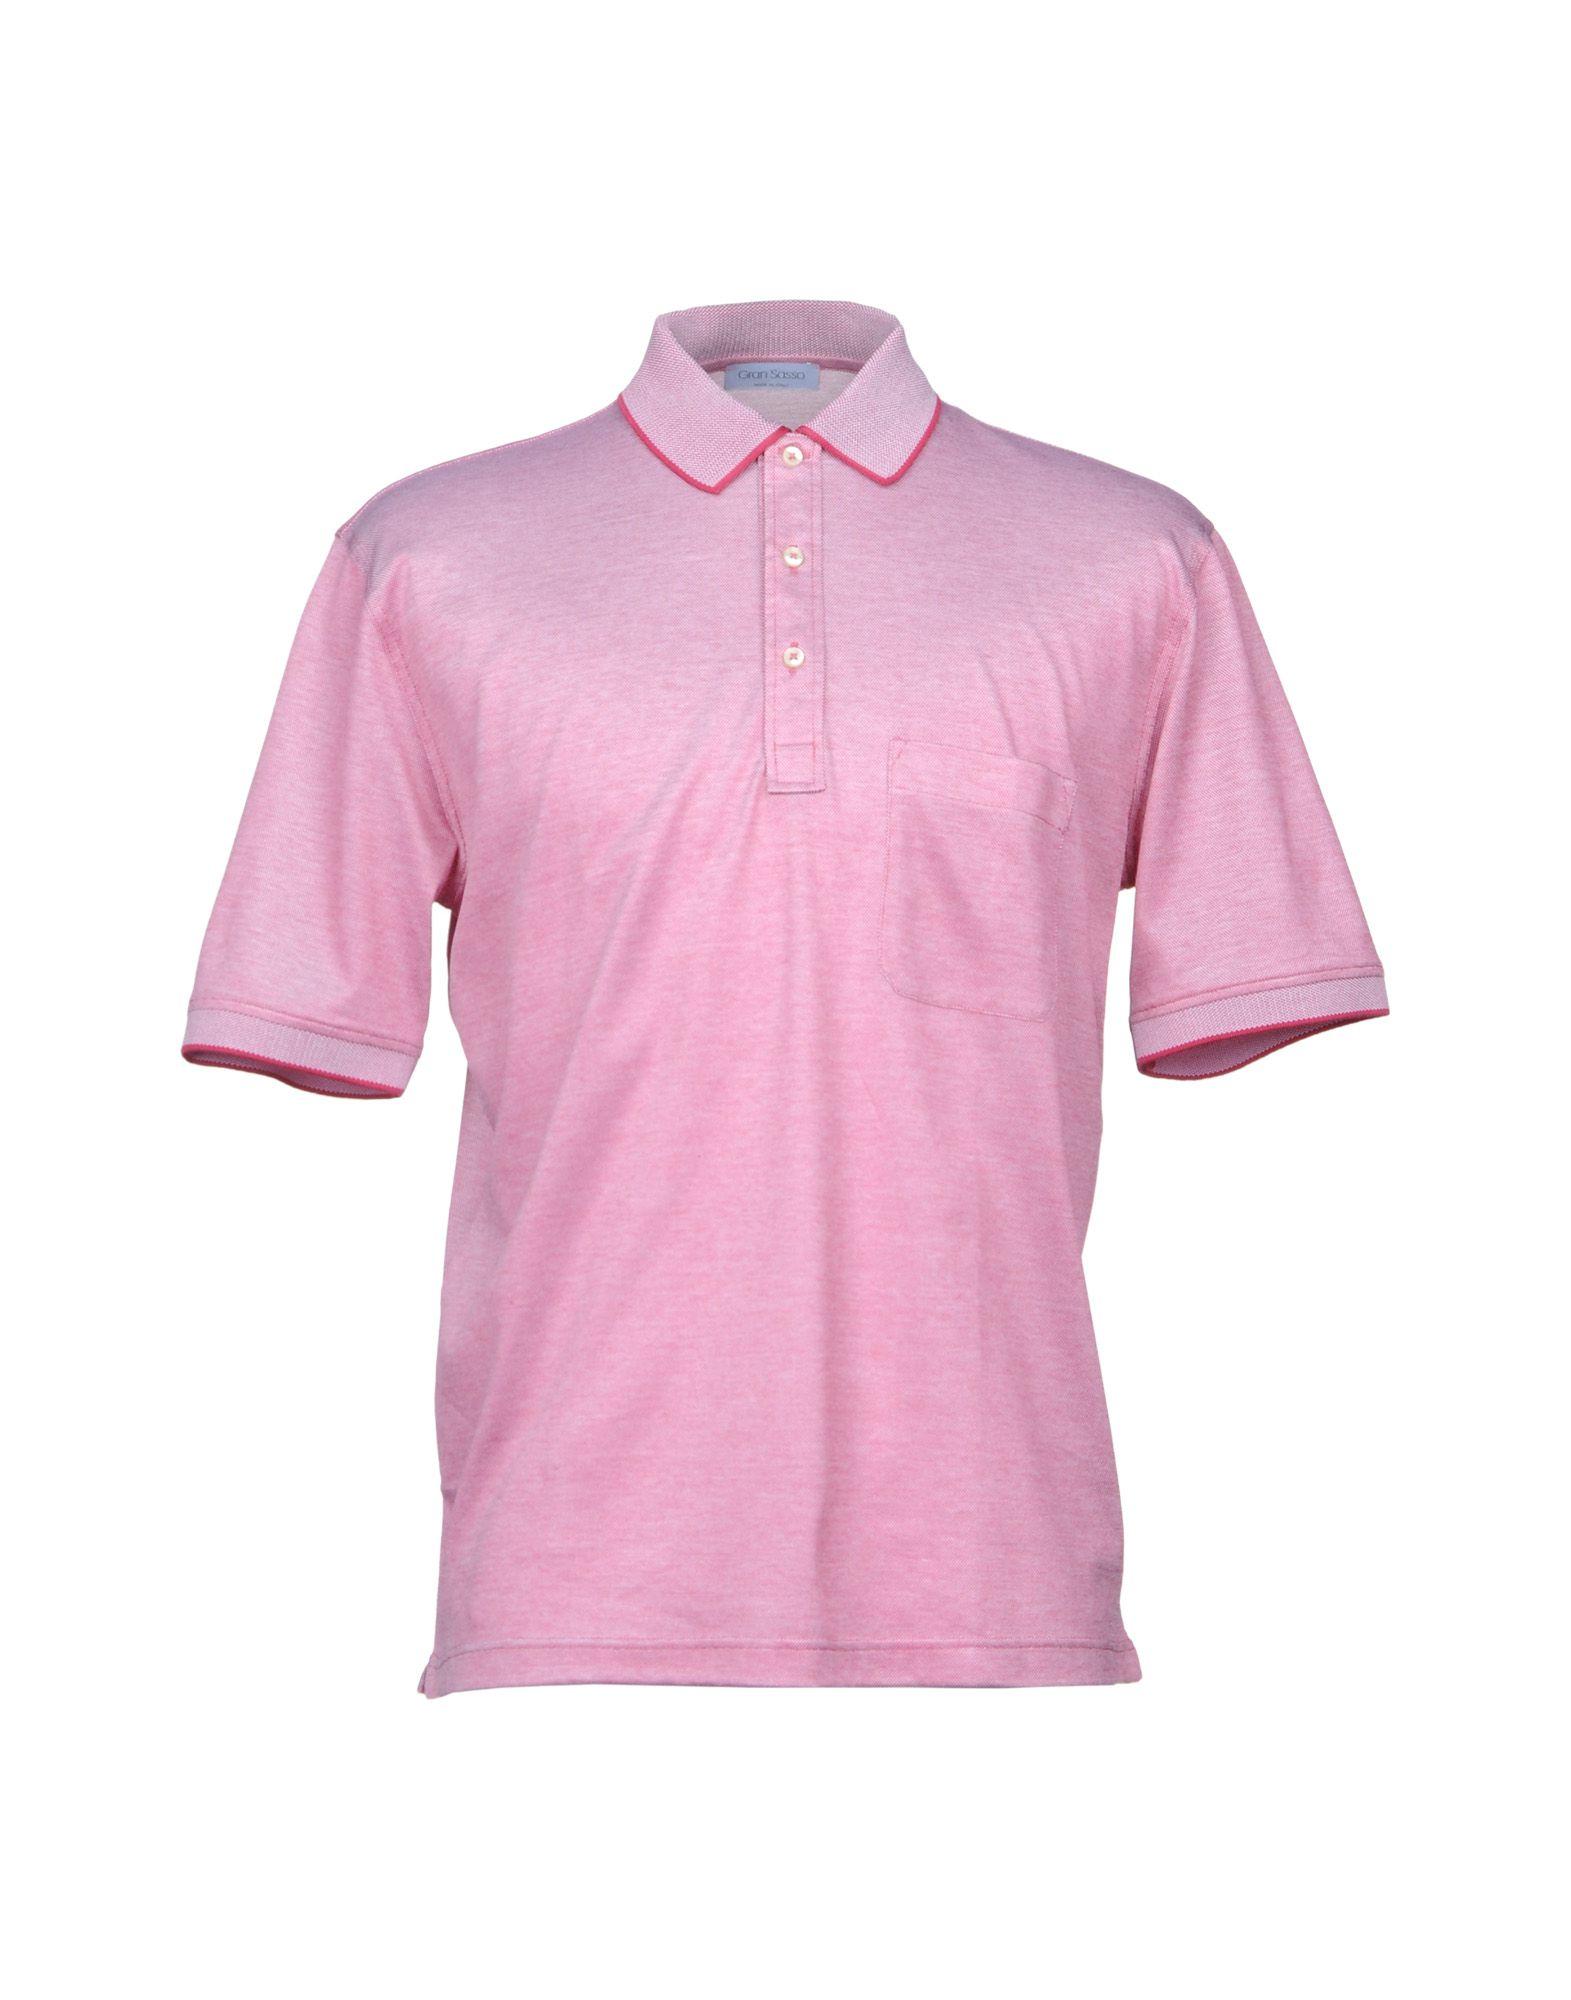 GRAN SASSO Herren Poloshirt Farbe Rot Größe 9 jetztbilligerkaufen